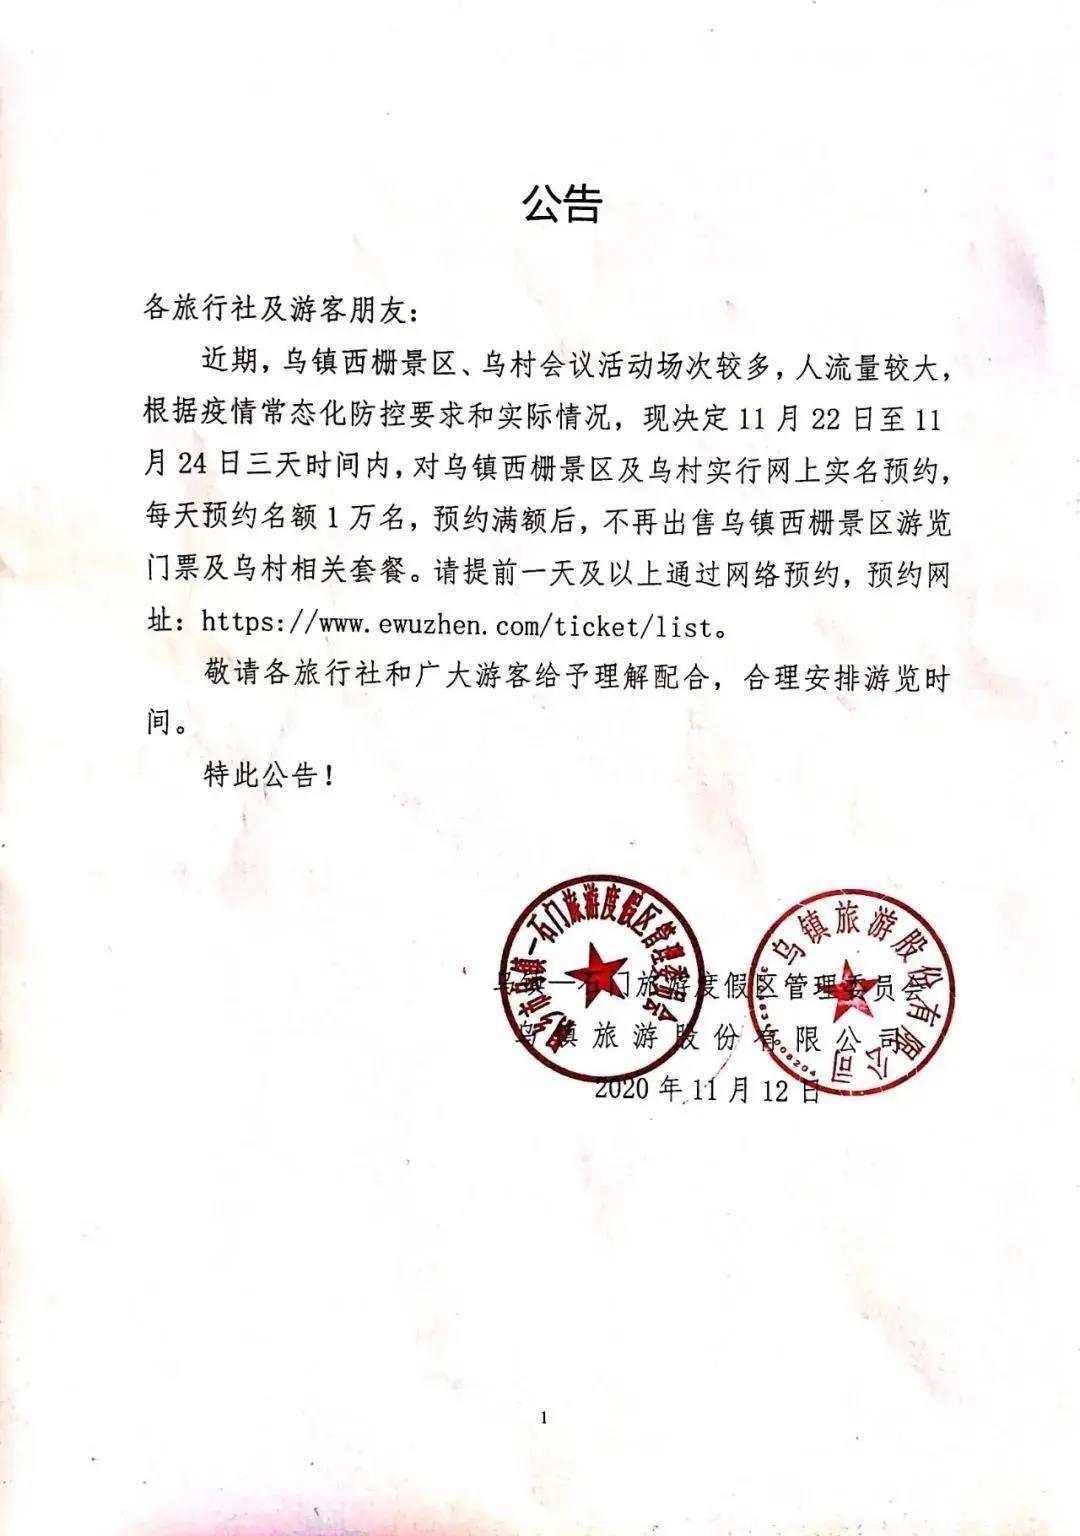 西栅|11月22日至11月24日,乌镇西栅景区将实行网上实名预约